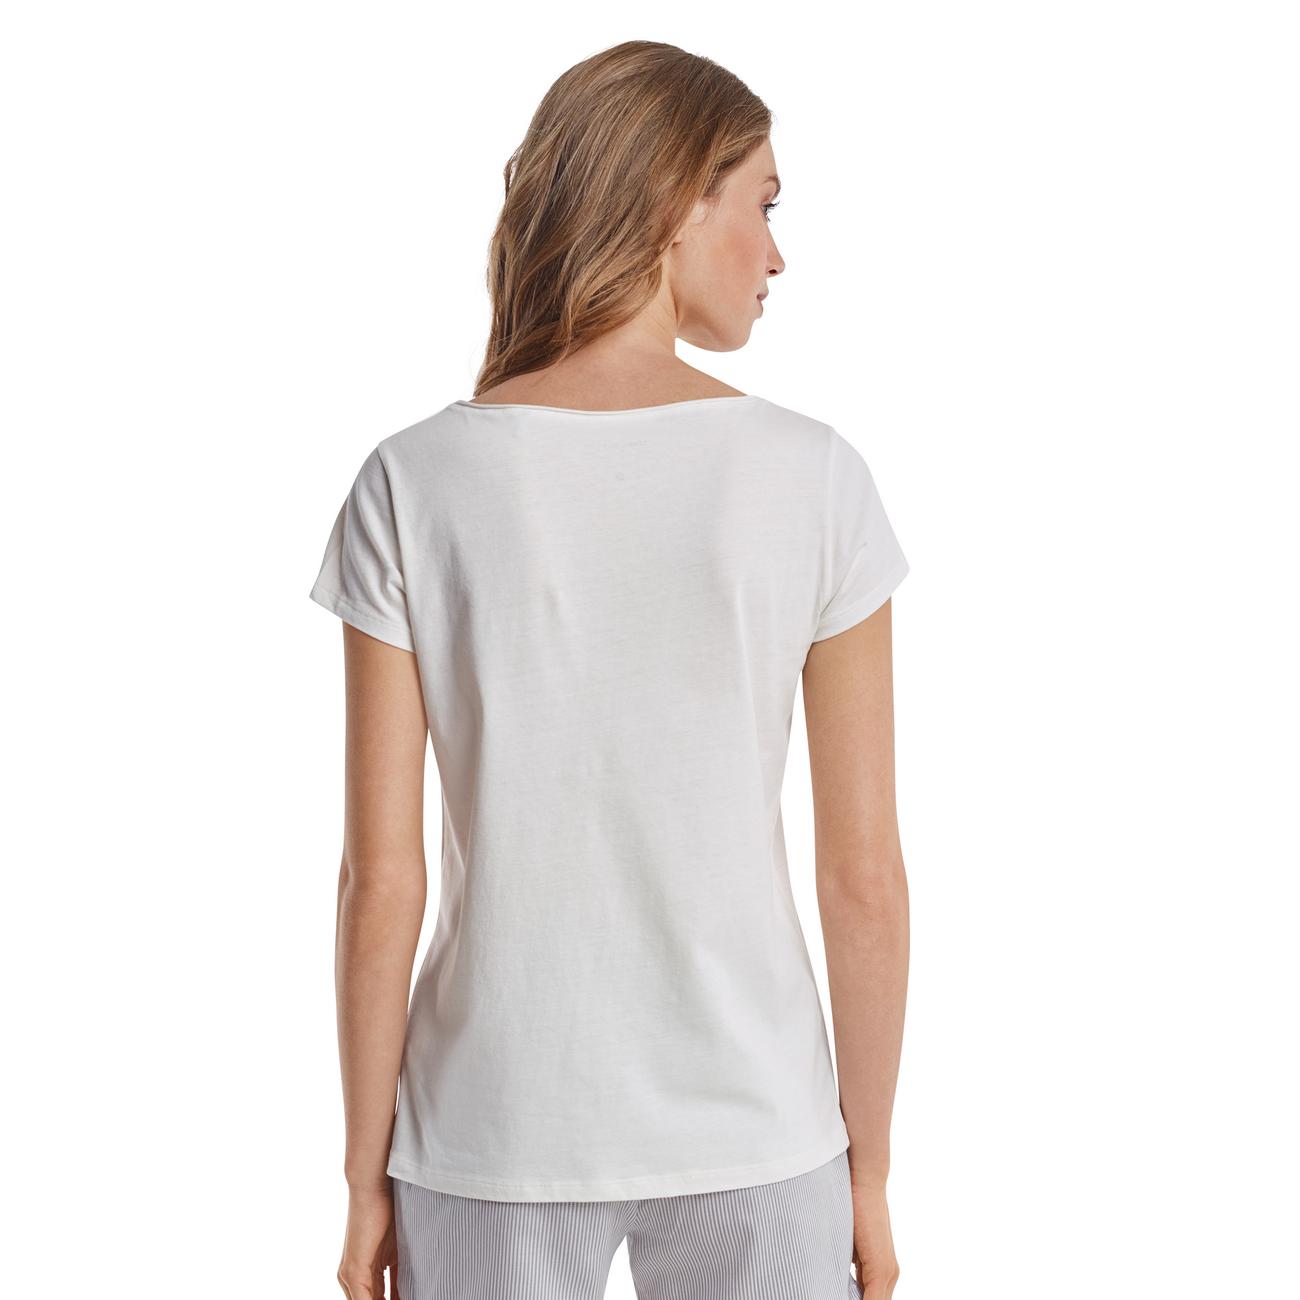 734005b02c34ad Marc O'Polo Damen T-Shirt Crewneck Offwhite 1er Pack